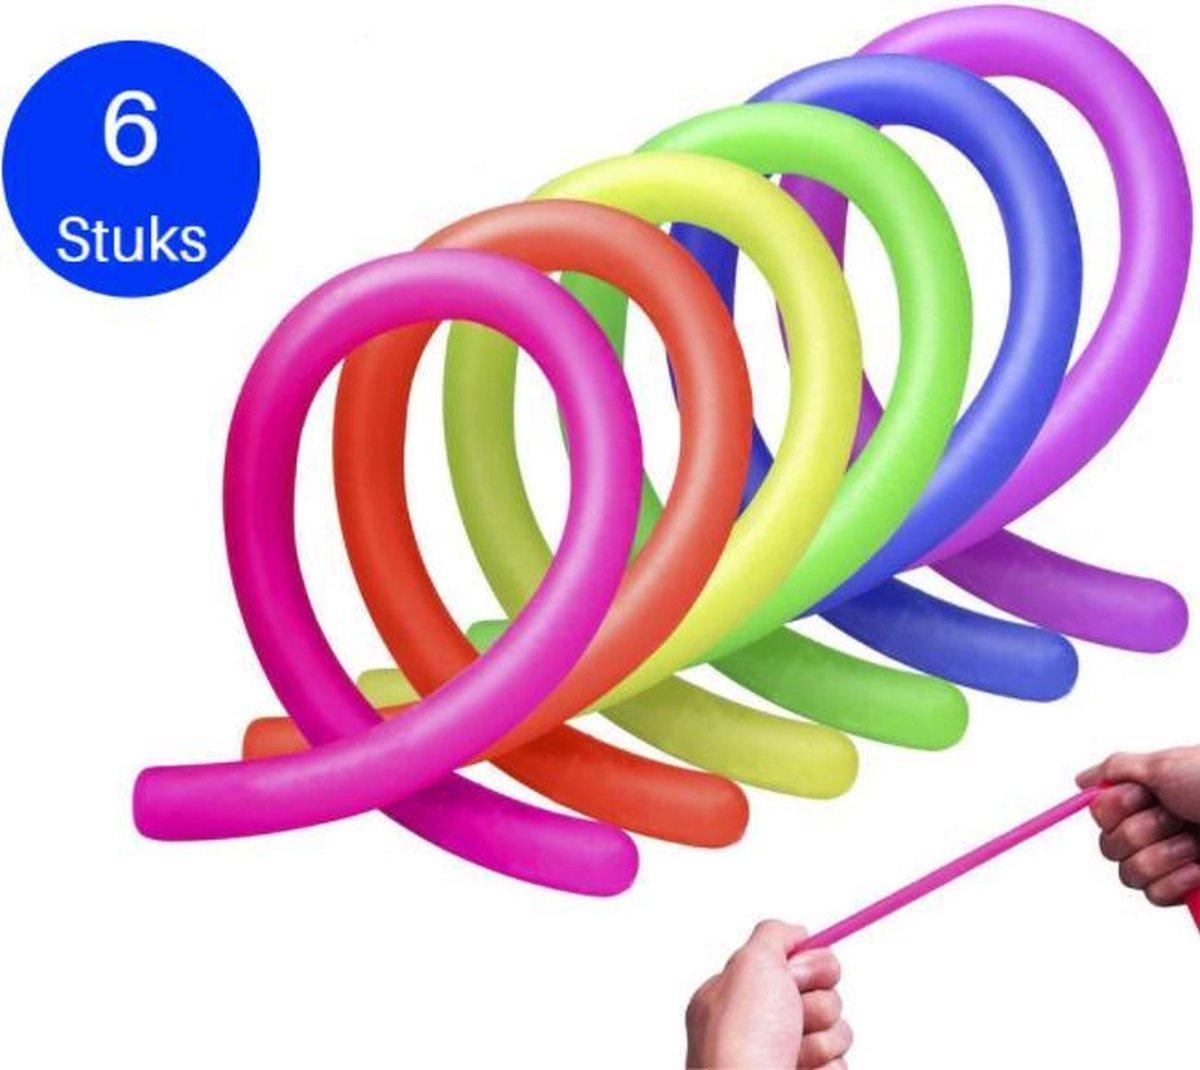 LUVIQ Monkey Noodles - Fidget Toys - Stretchy String - 6 stuks